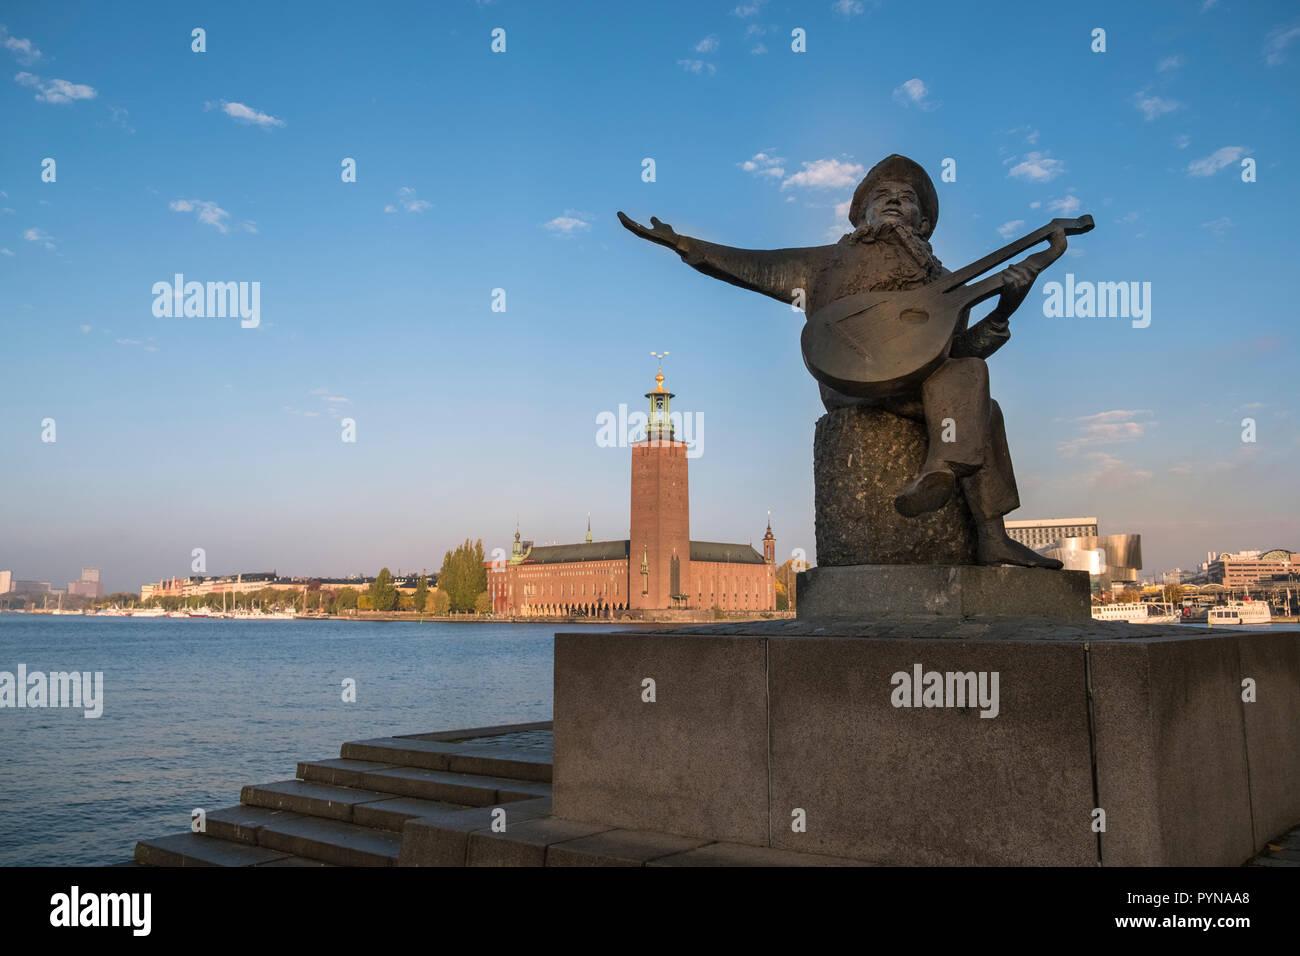 Eine Statue von Evert Taube Wiedergabe der Laute an der Waterfront auf Riddarholmen Insel, mit Rathaus Gebäude im Hintergrund, Stockholm, Schweden. Stockbild